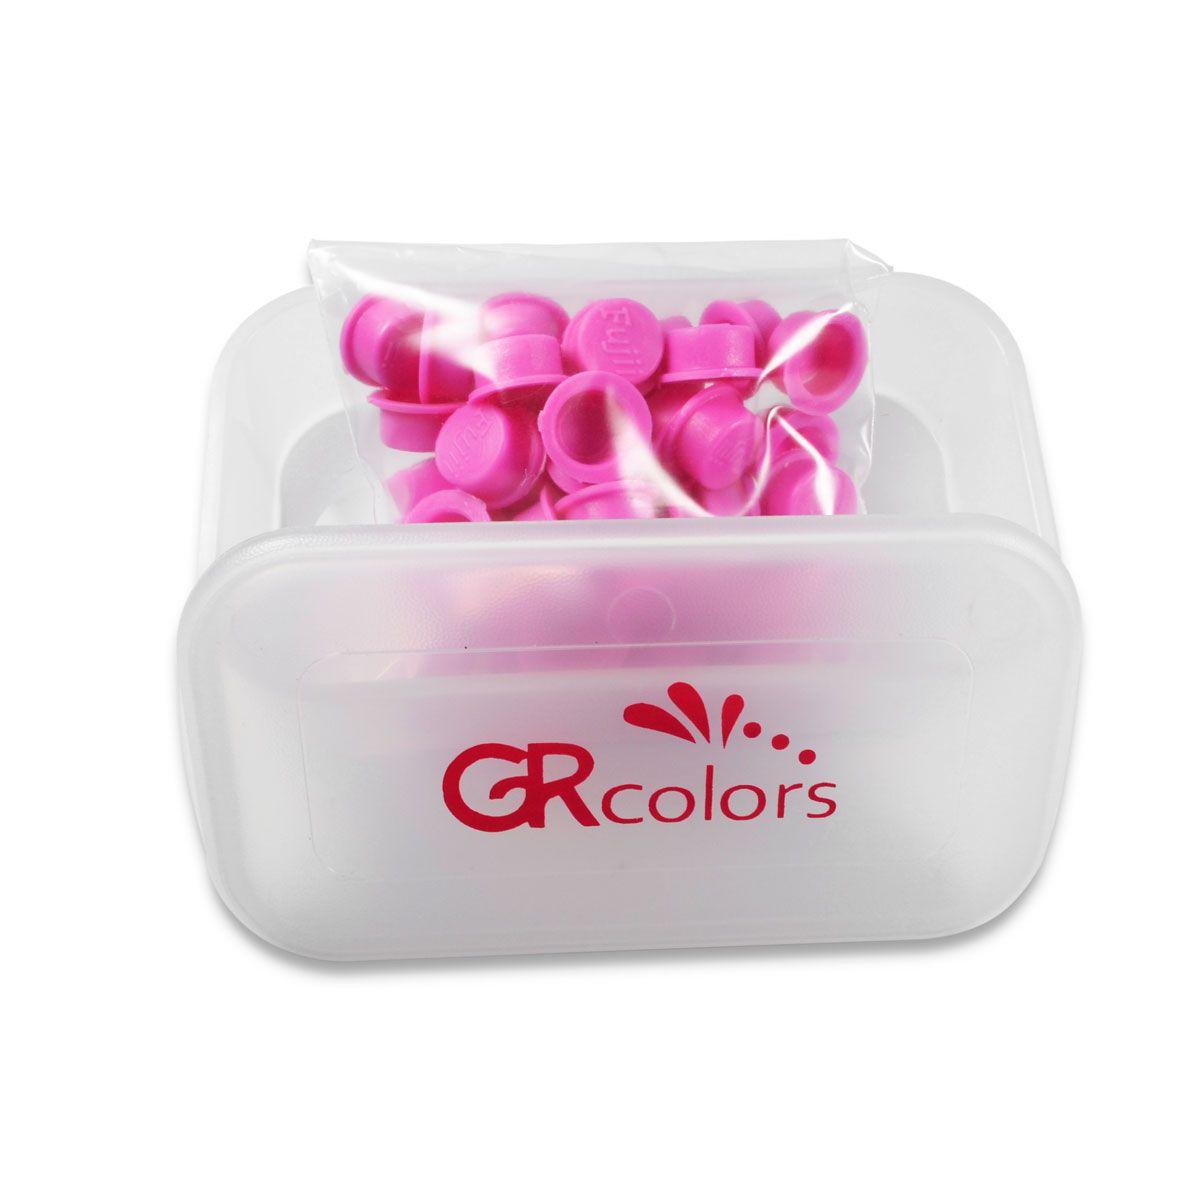 Porta Batoque GR Colors com 50 Batoques Rosa